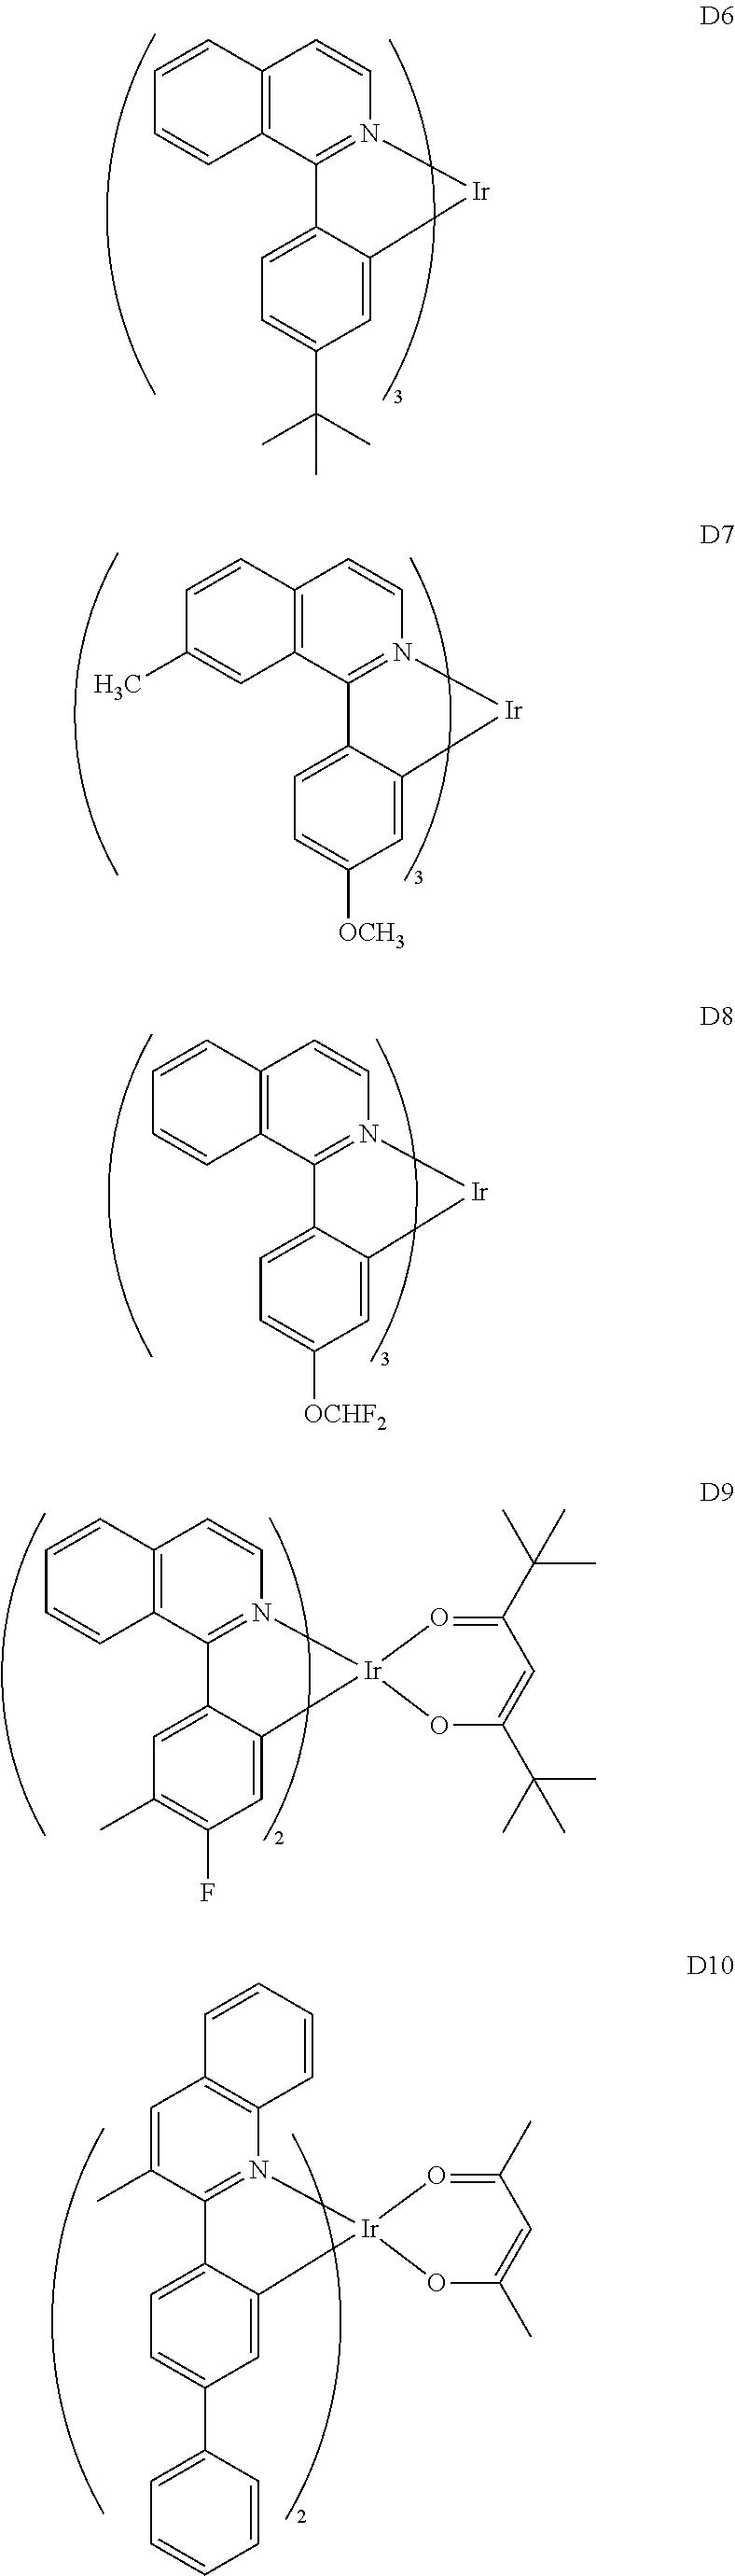 Figure US09496506-20161115-C00011